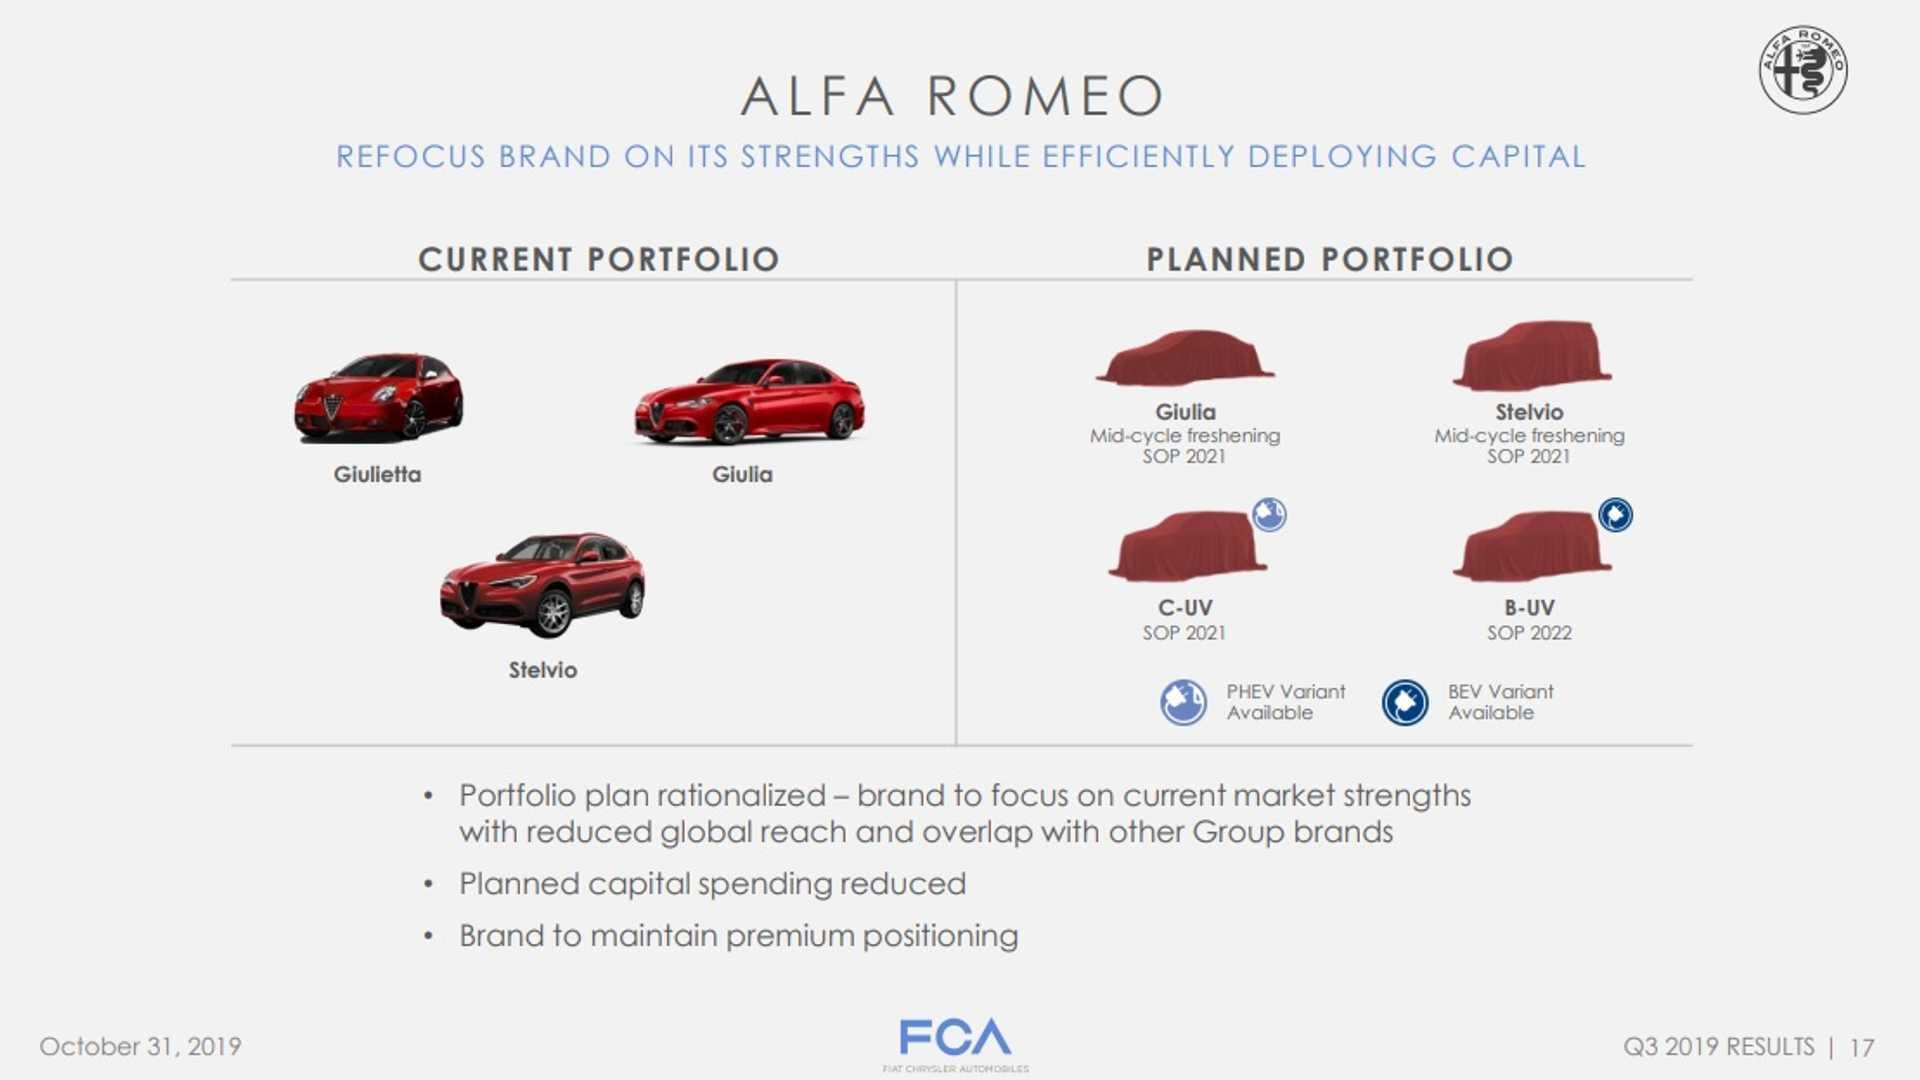 Η Alfa Romeo ενημέρωσε το χάρτη πορείας για τα προϊόντα